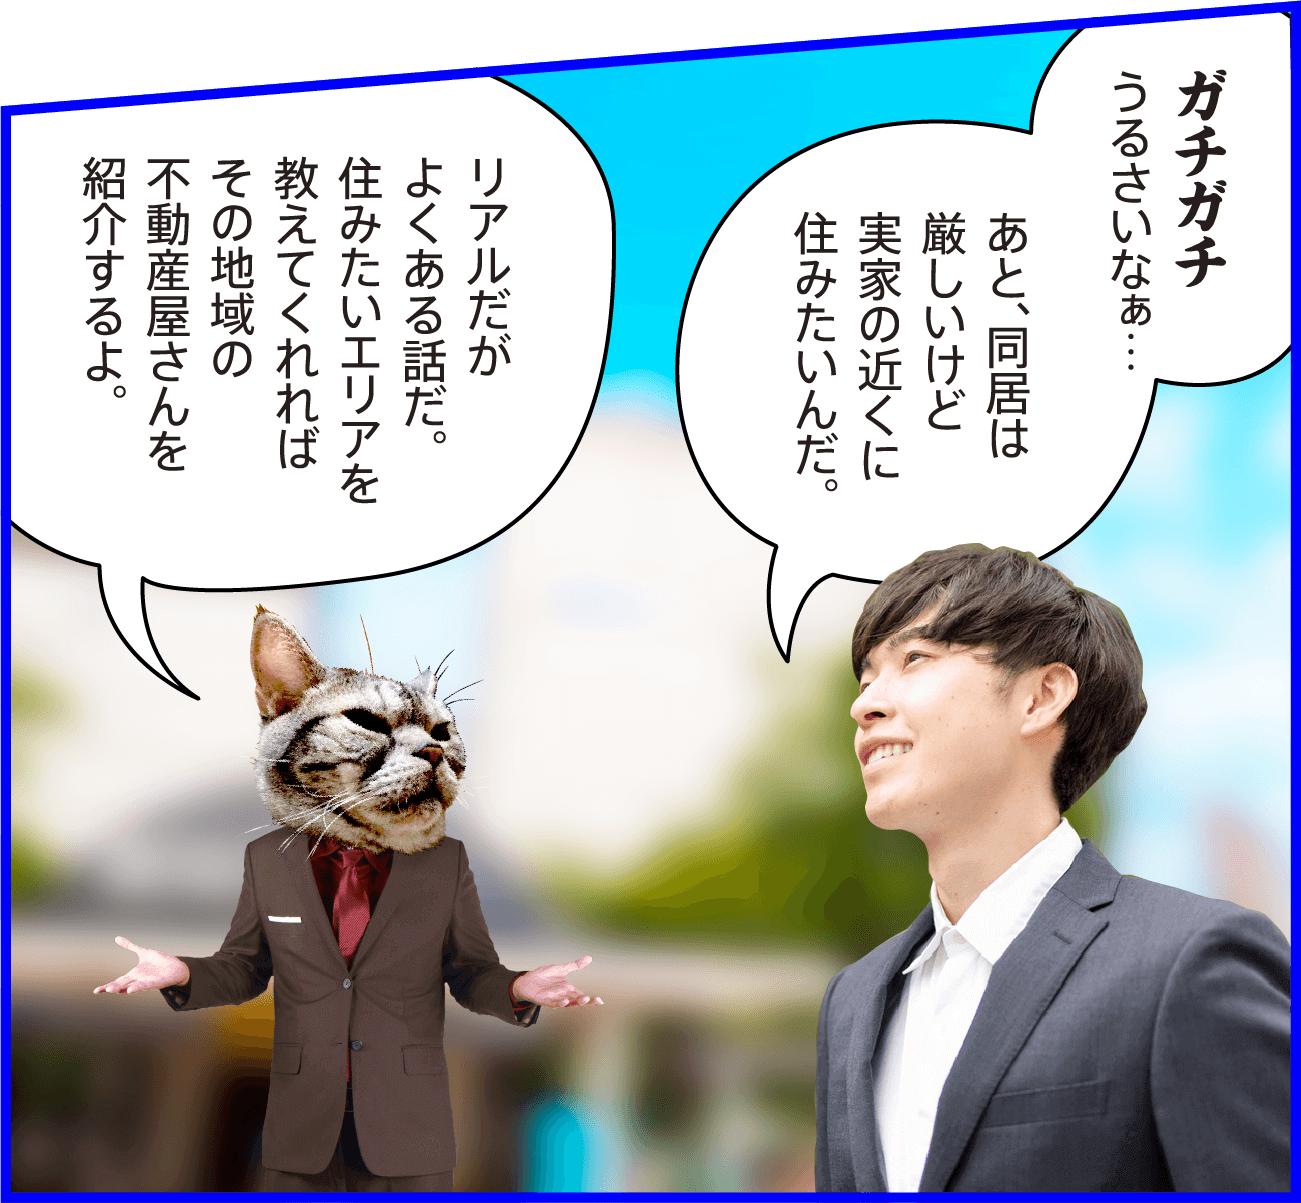 男性:ガチガチうるさいなぁ…あと、同居は厳しいけど実家の近くに住みたいんだ。猫:リアルだがよくある話だ。住みたいエリアを教えてくれればその地域の不動産屋さんを紹介するよ。